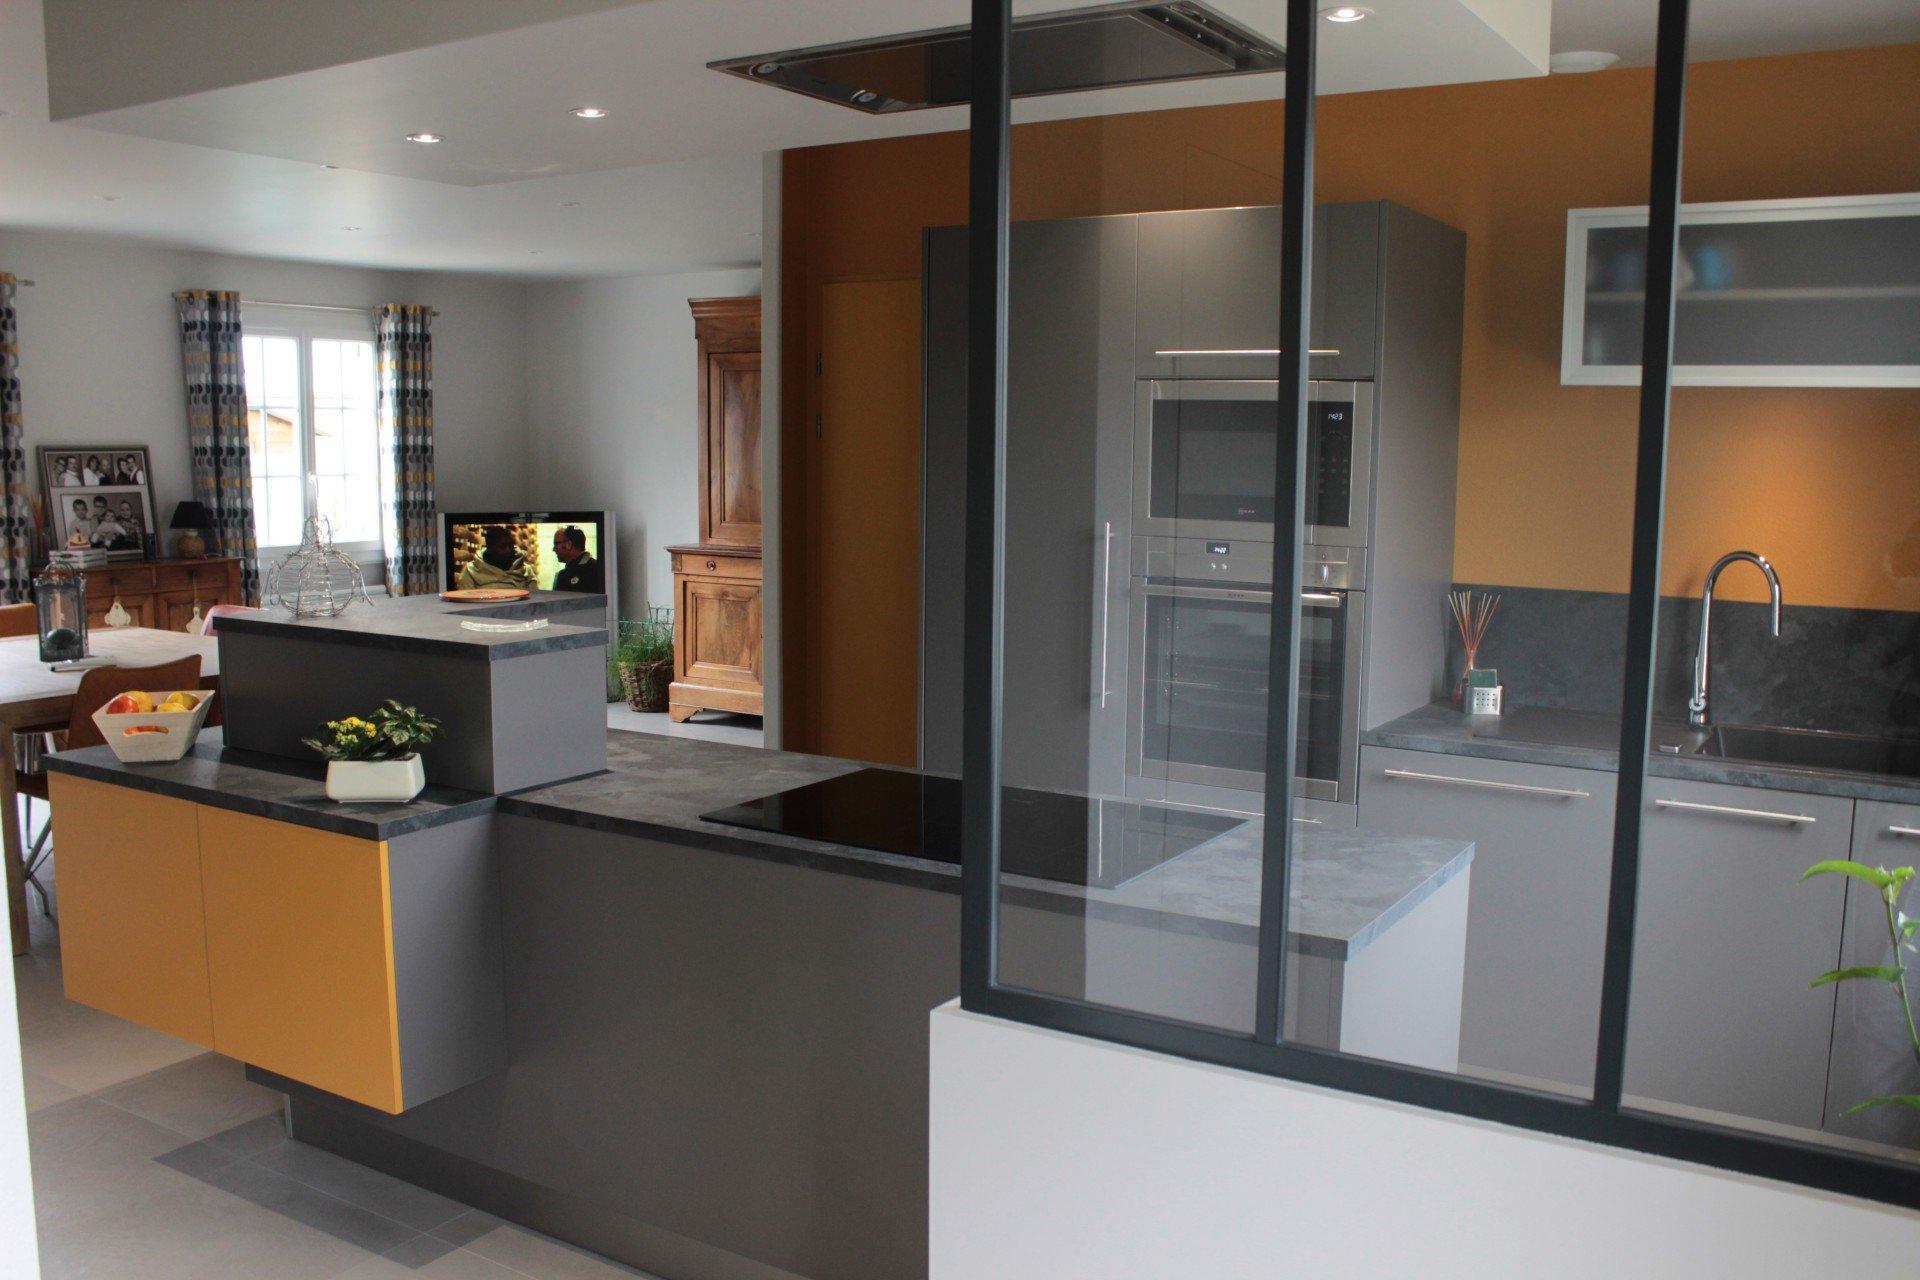 am nagement d une cuisine ouverte sur l espace de vie et de l espace wc salle de bain corn. Black Bedroom Furniture Sets. Home Design Ideas